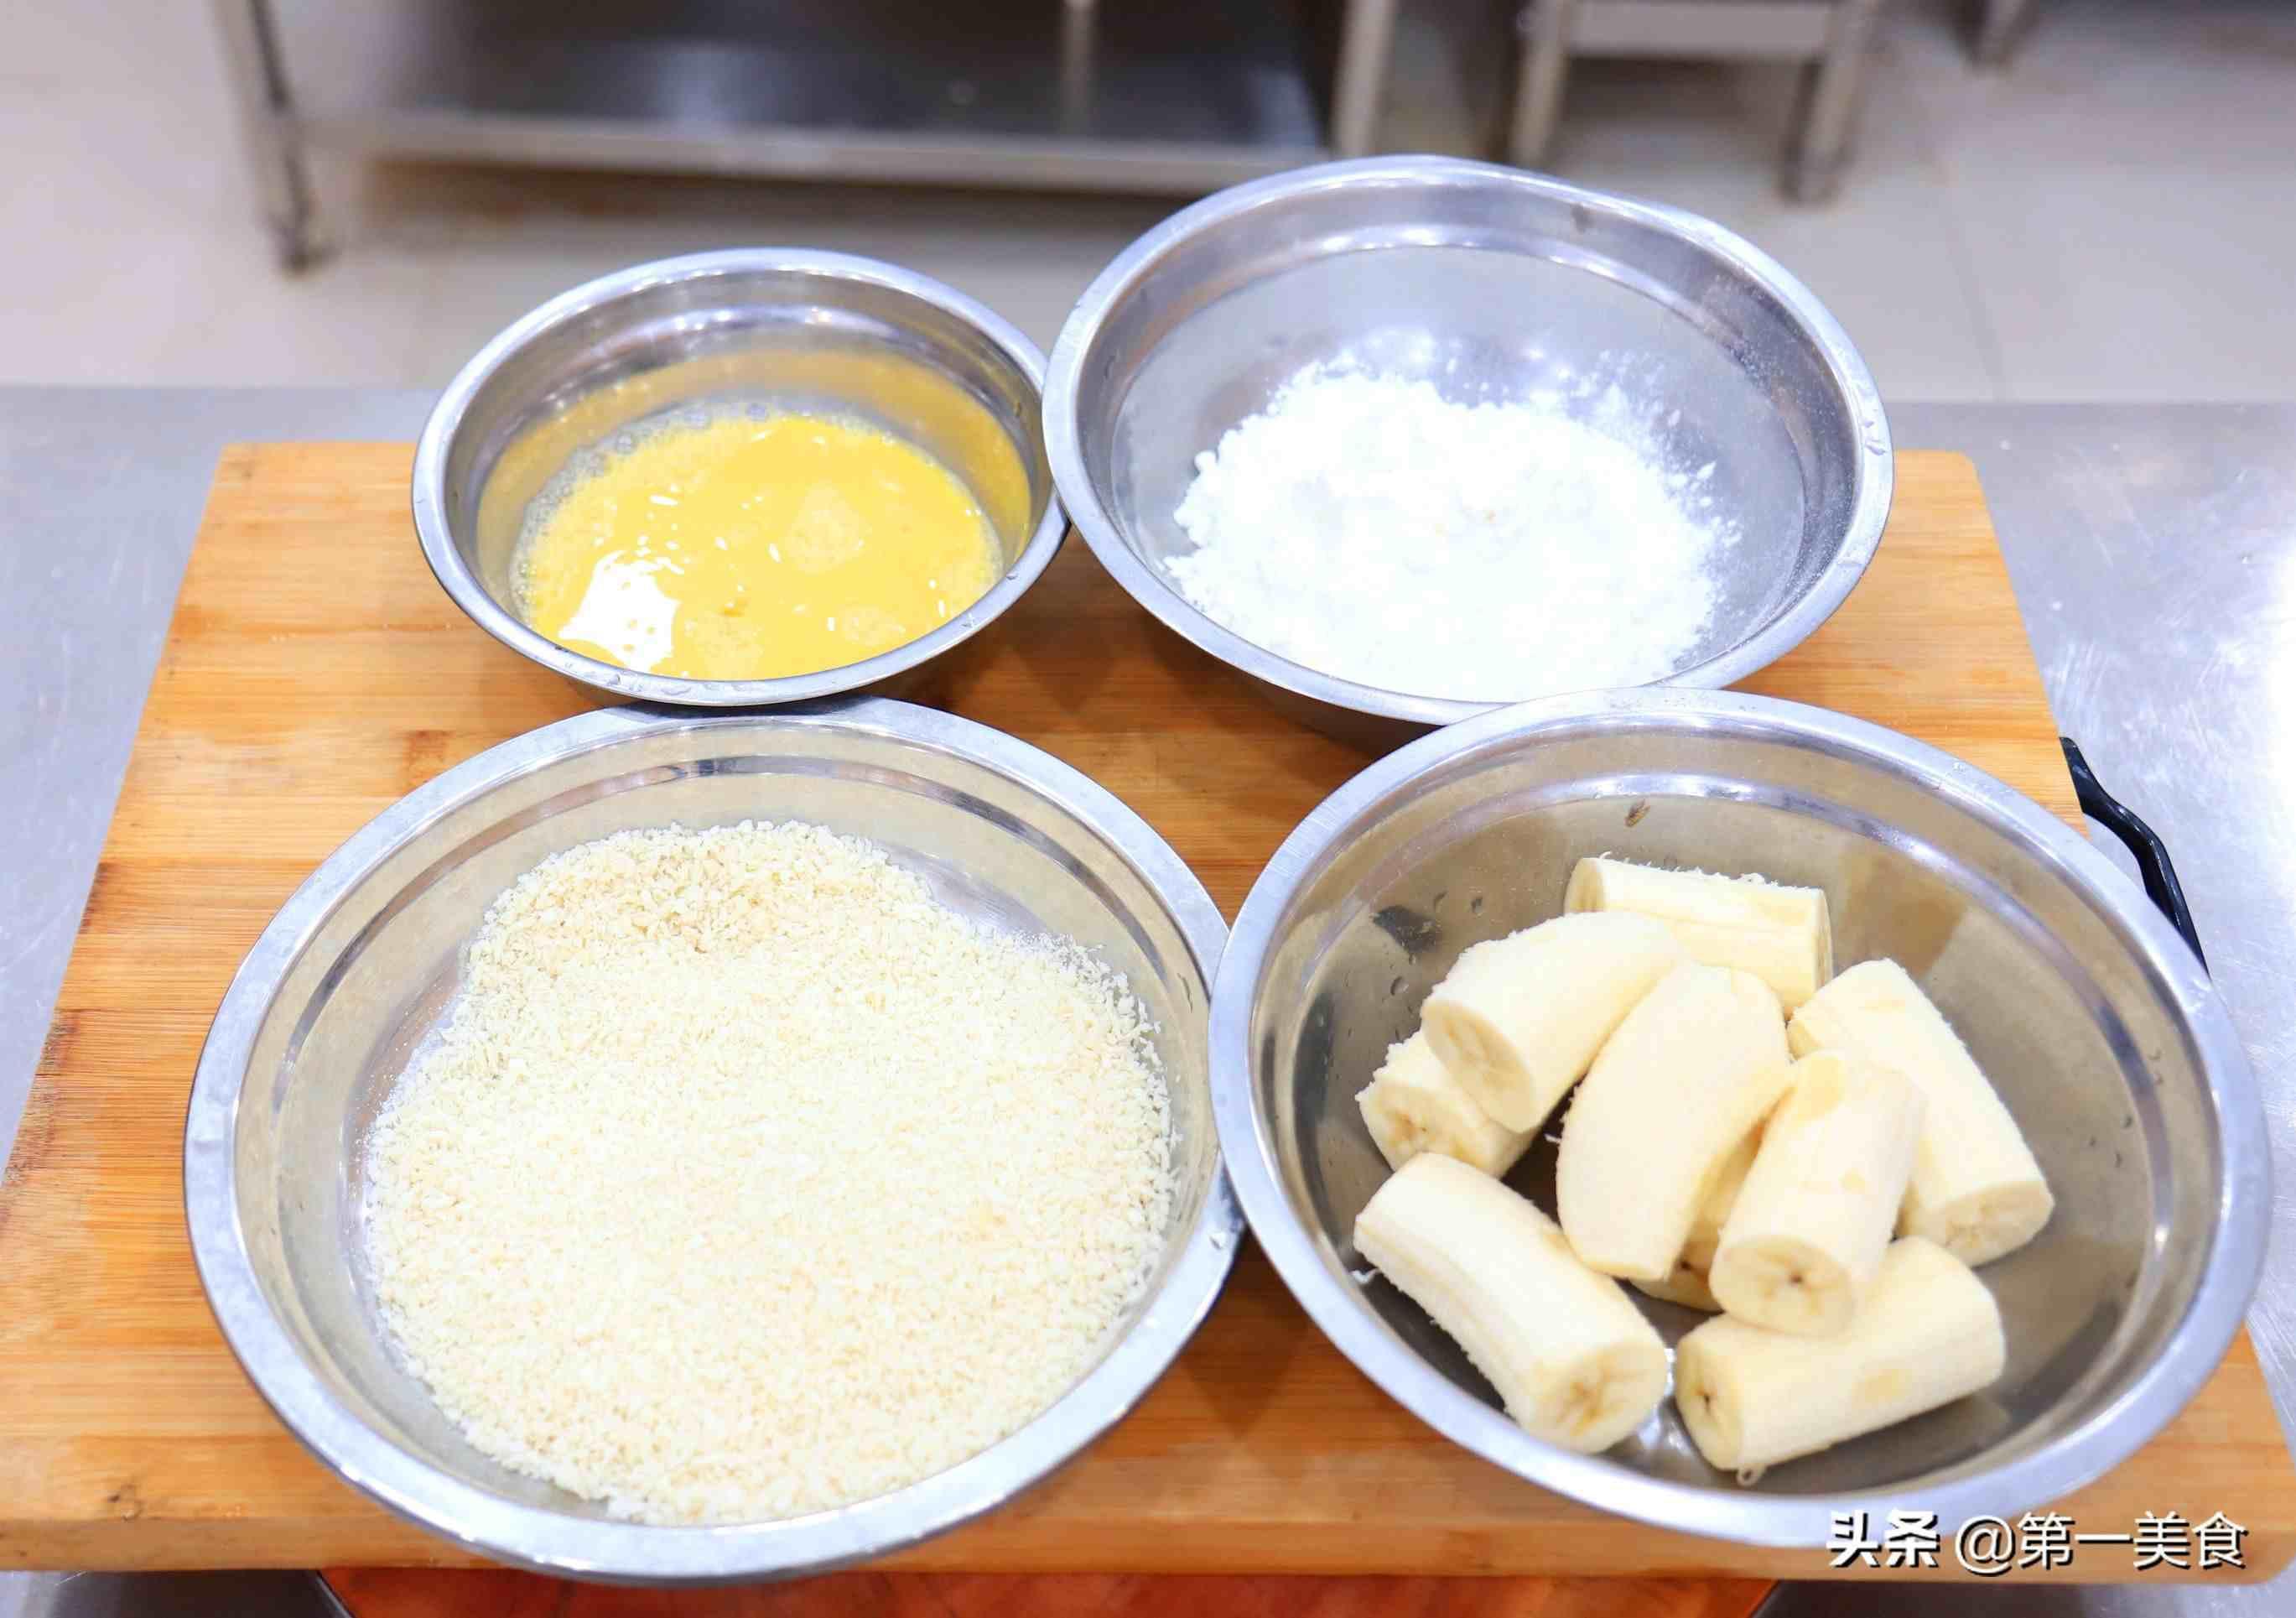 3块钱成本,解锁香蕉新吃法,裹上蛋液一炸外酥里甜,五分钟搞定